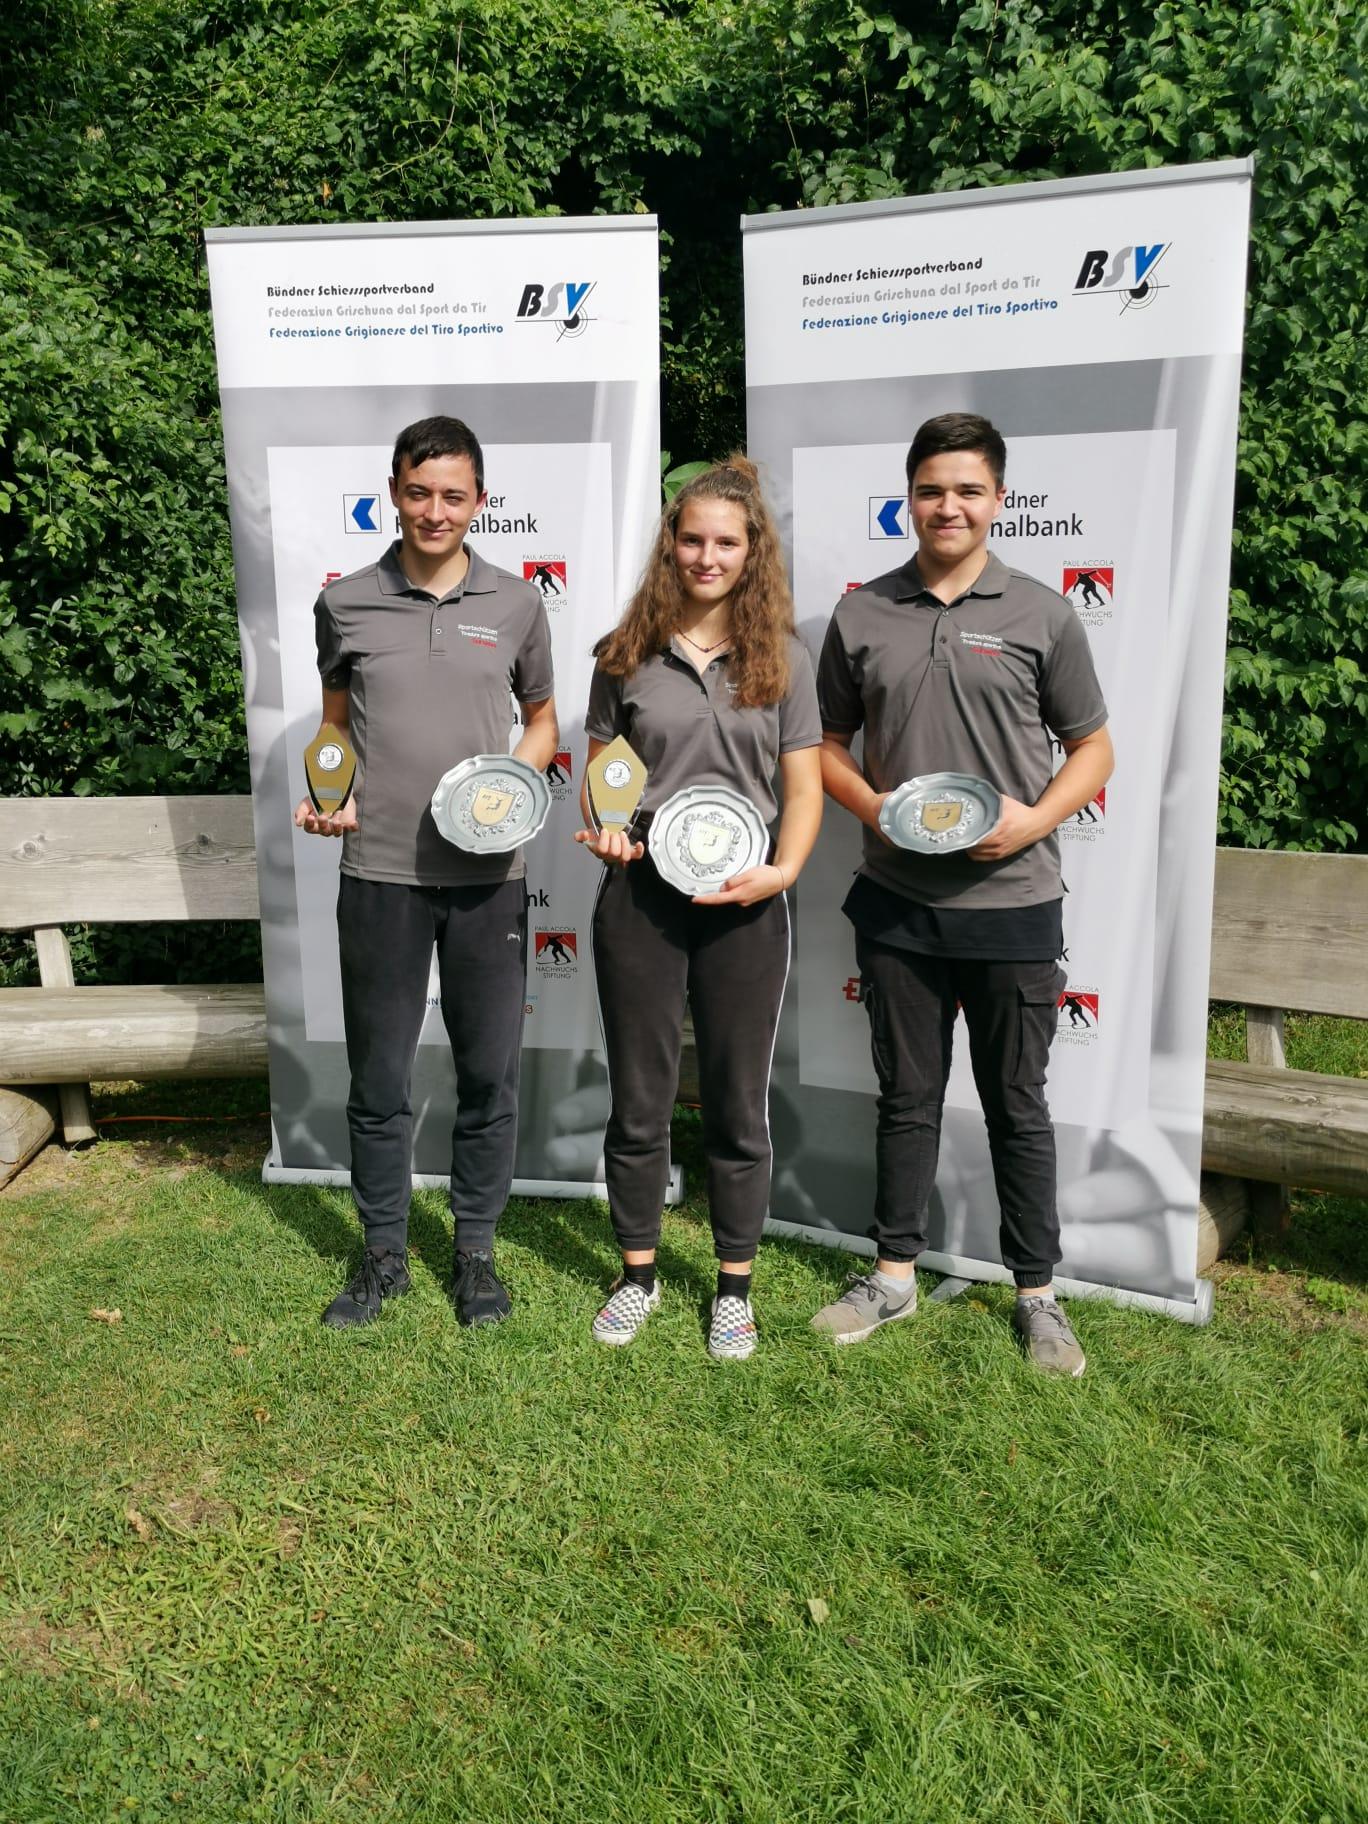 Bündner Jugendtag 2020 50m Gruppe 1. Rang Chris * Anja * Tino